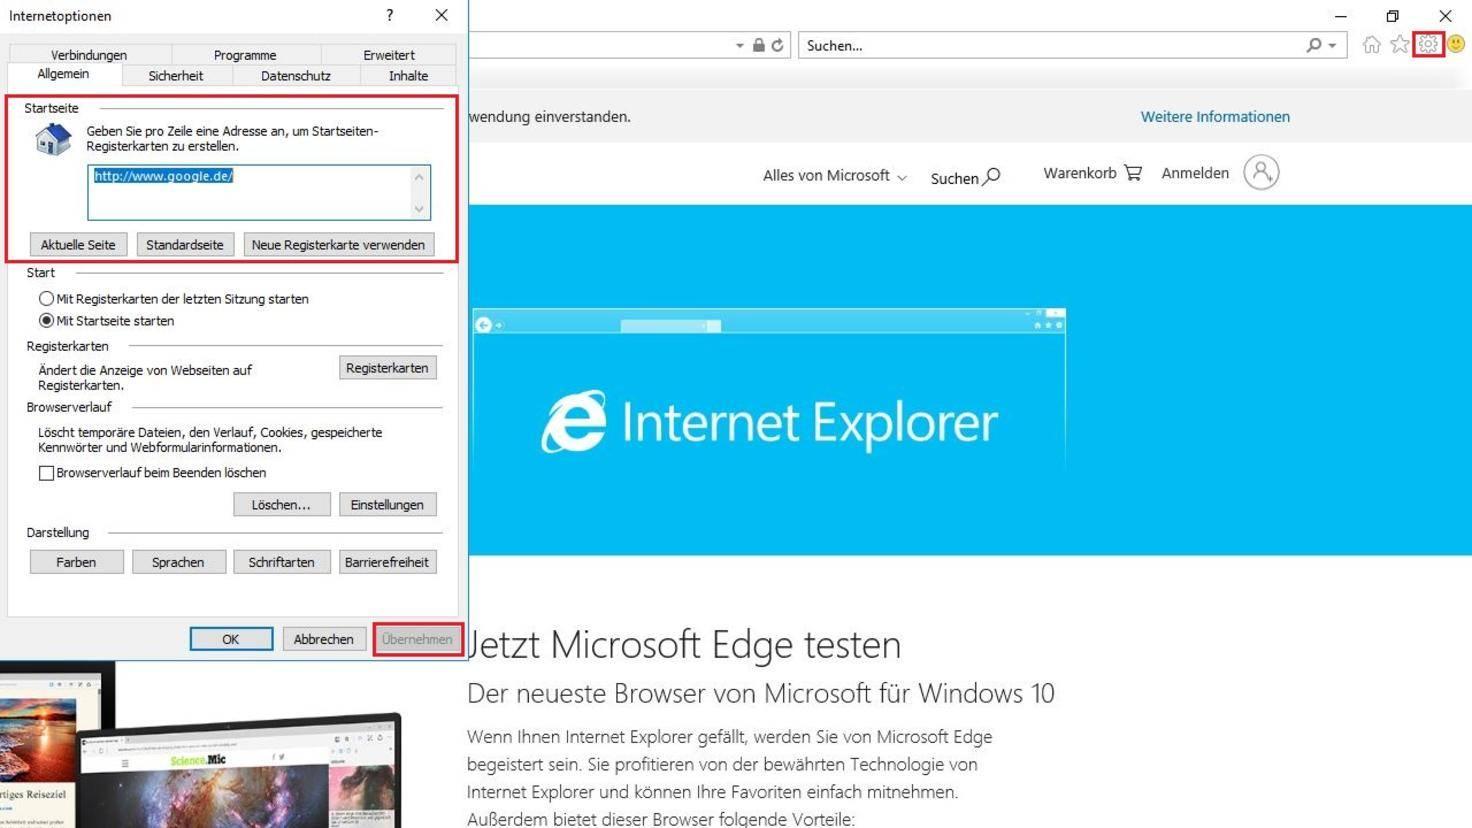 Internet Explorer Startseite festlegen